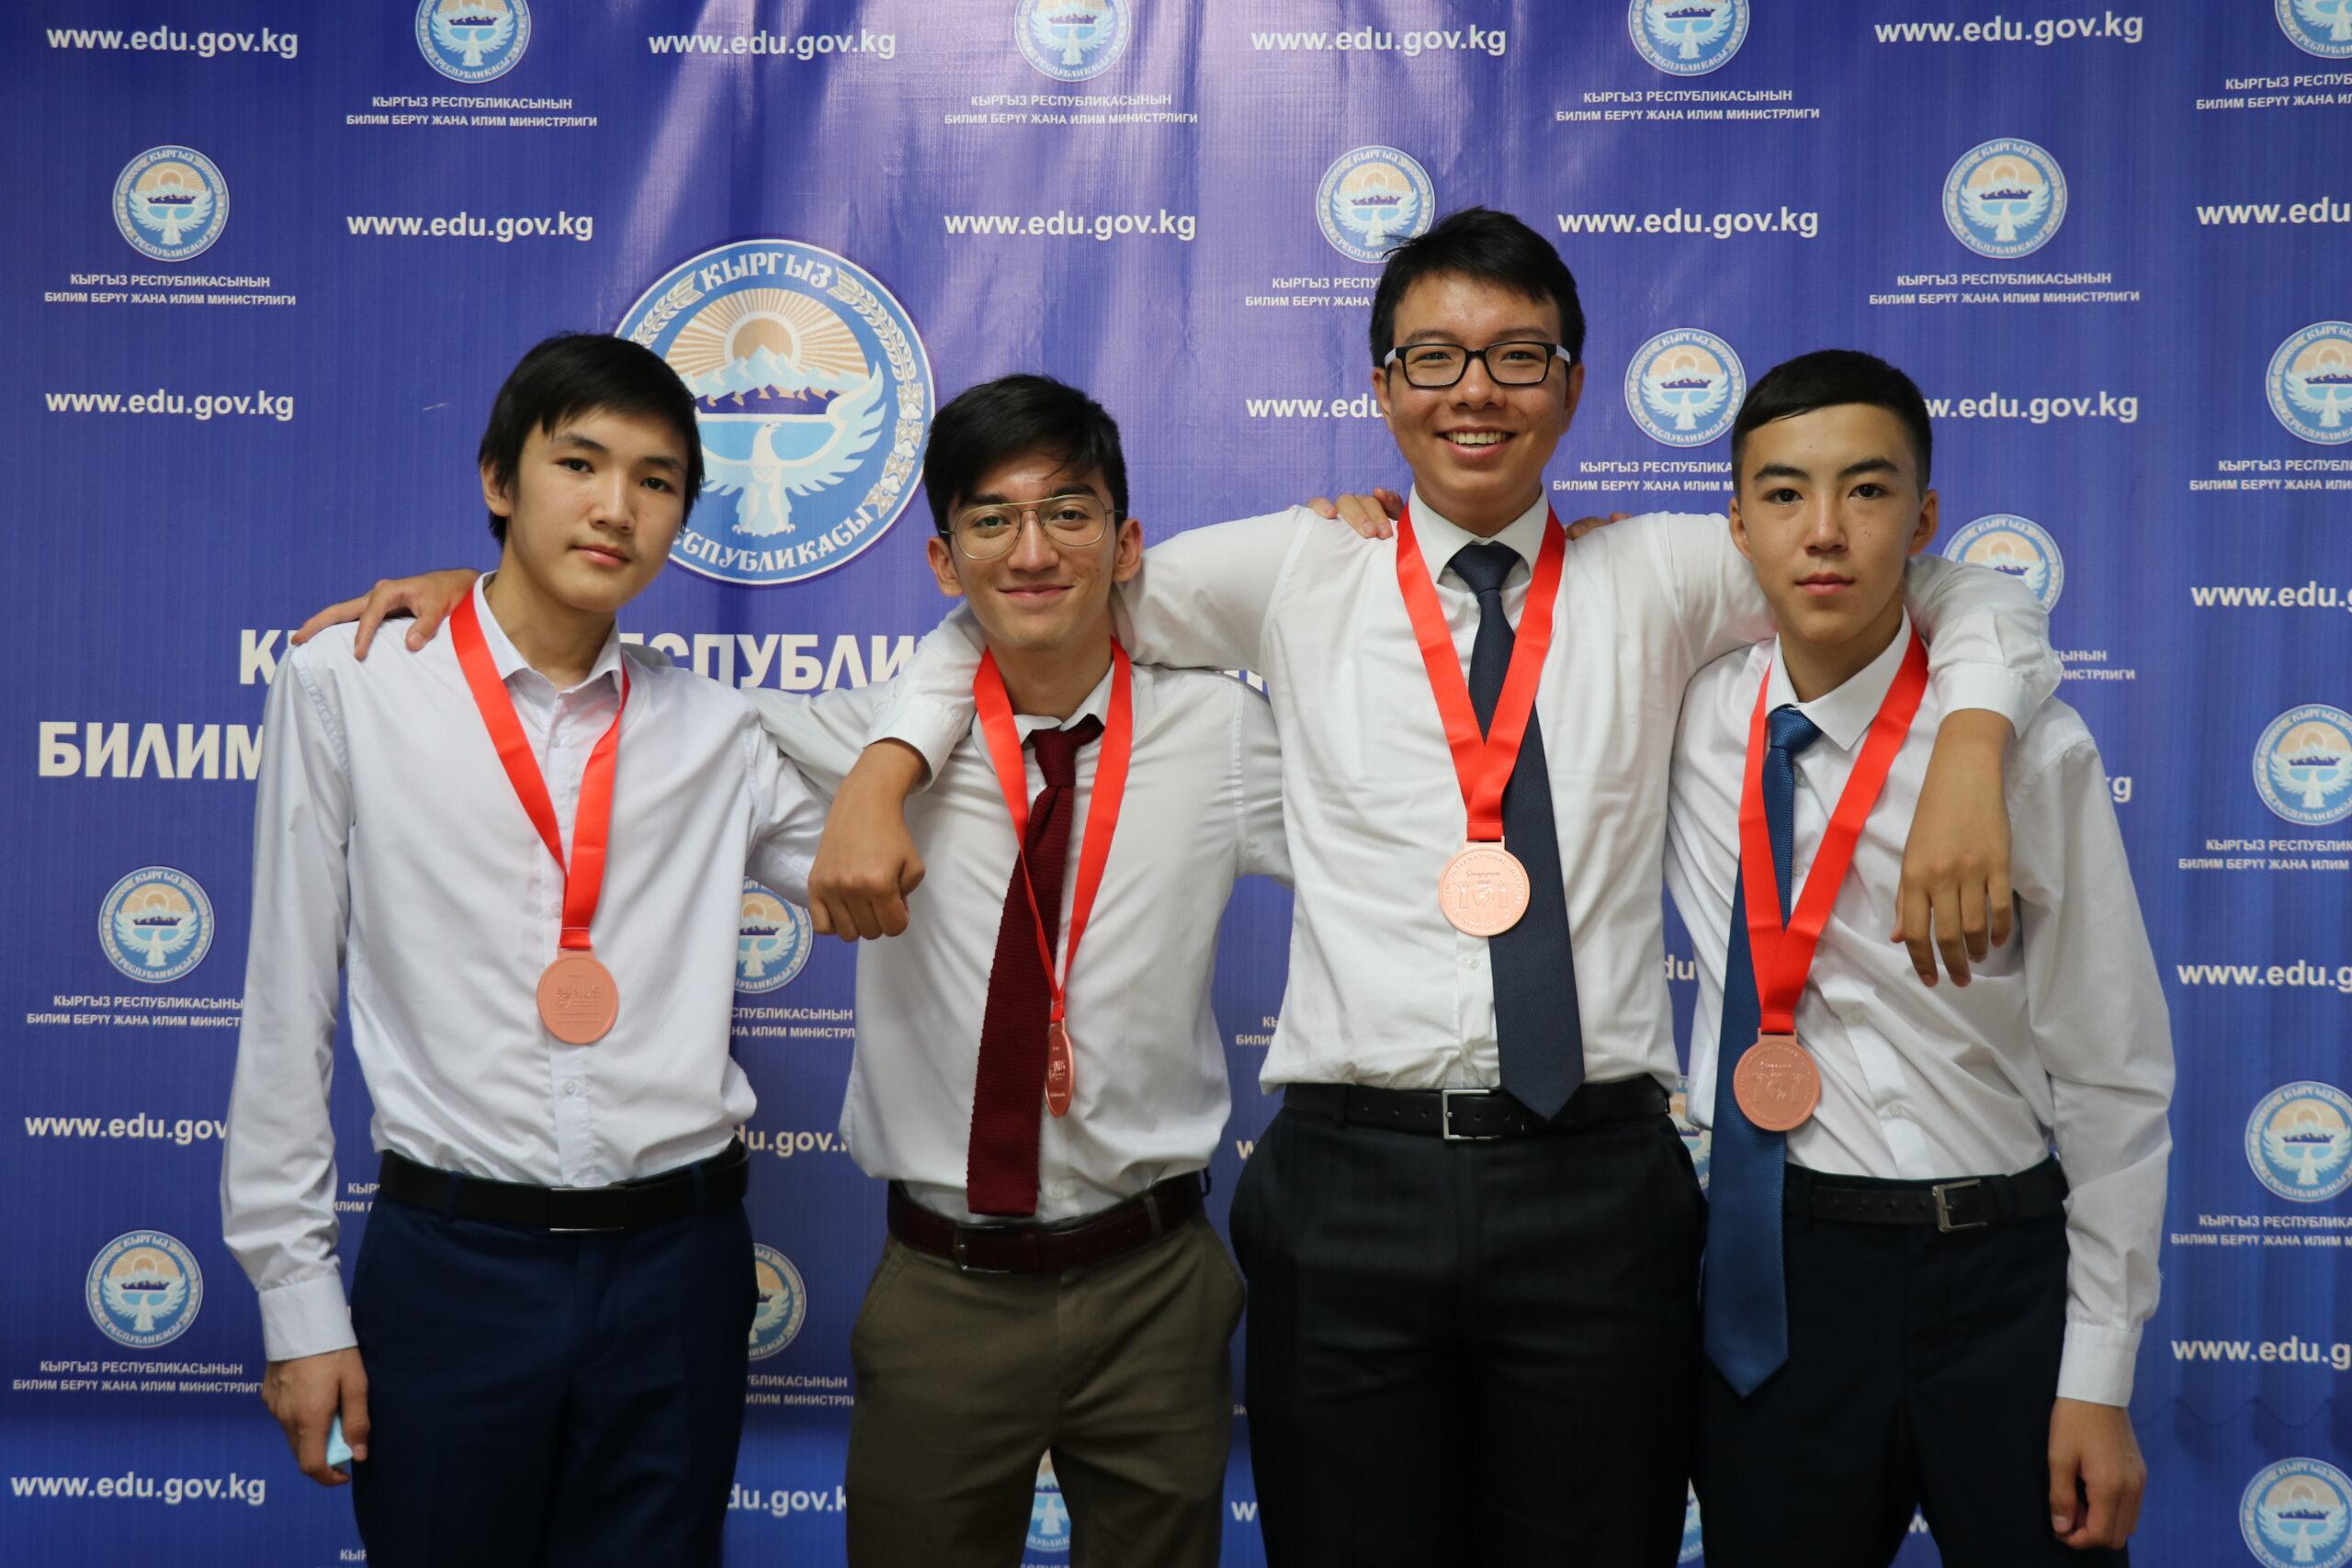 Олимпиадада 355 атаандаштан 4 кыргызстандык окуучу оозуп чыгып, медаль тагынышты